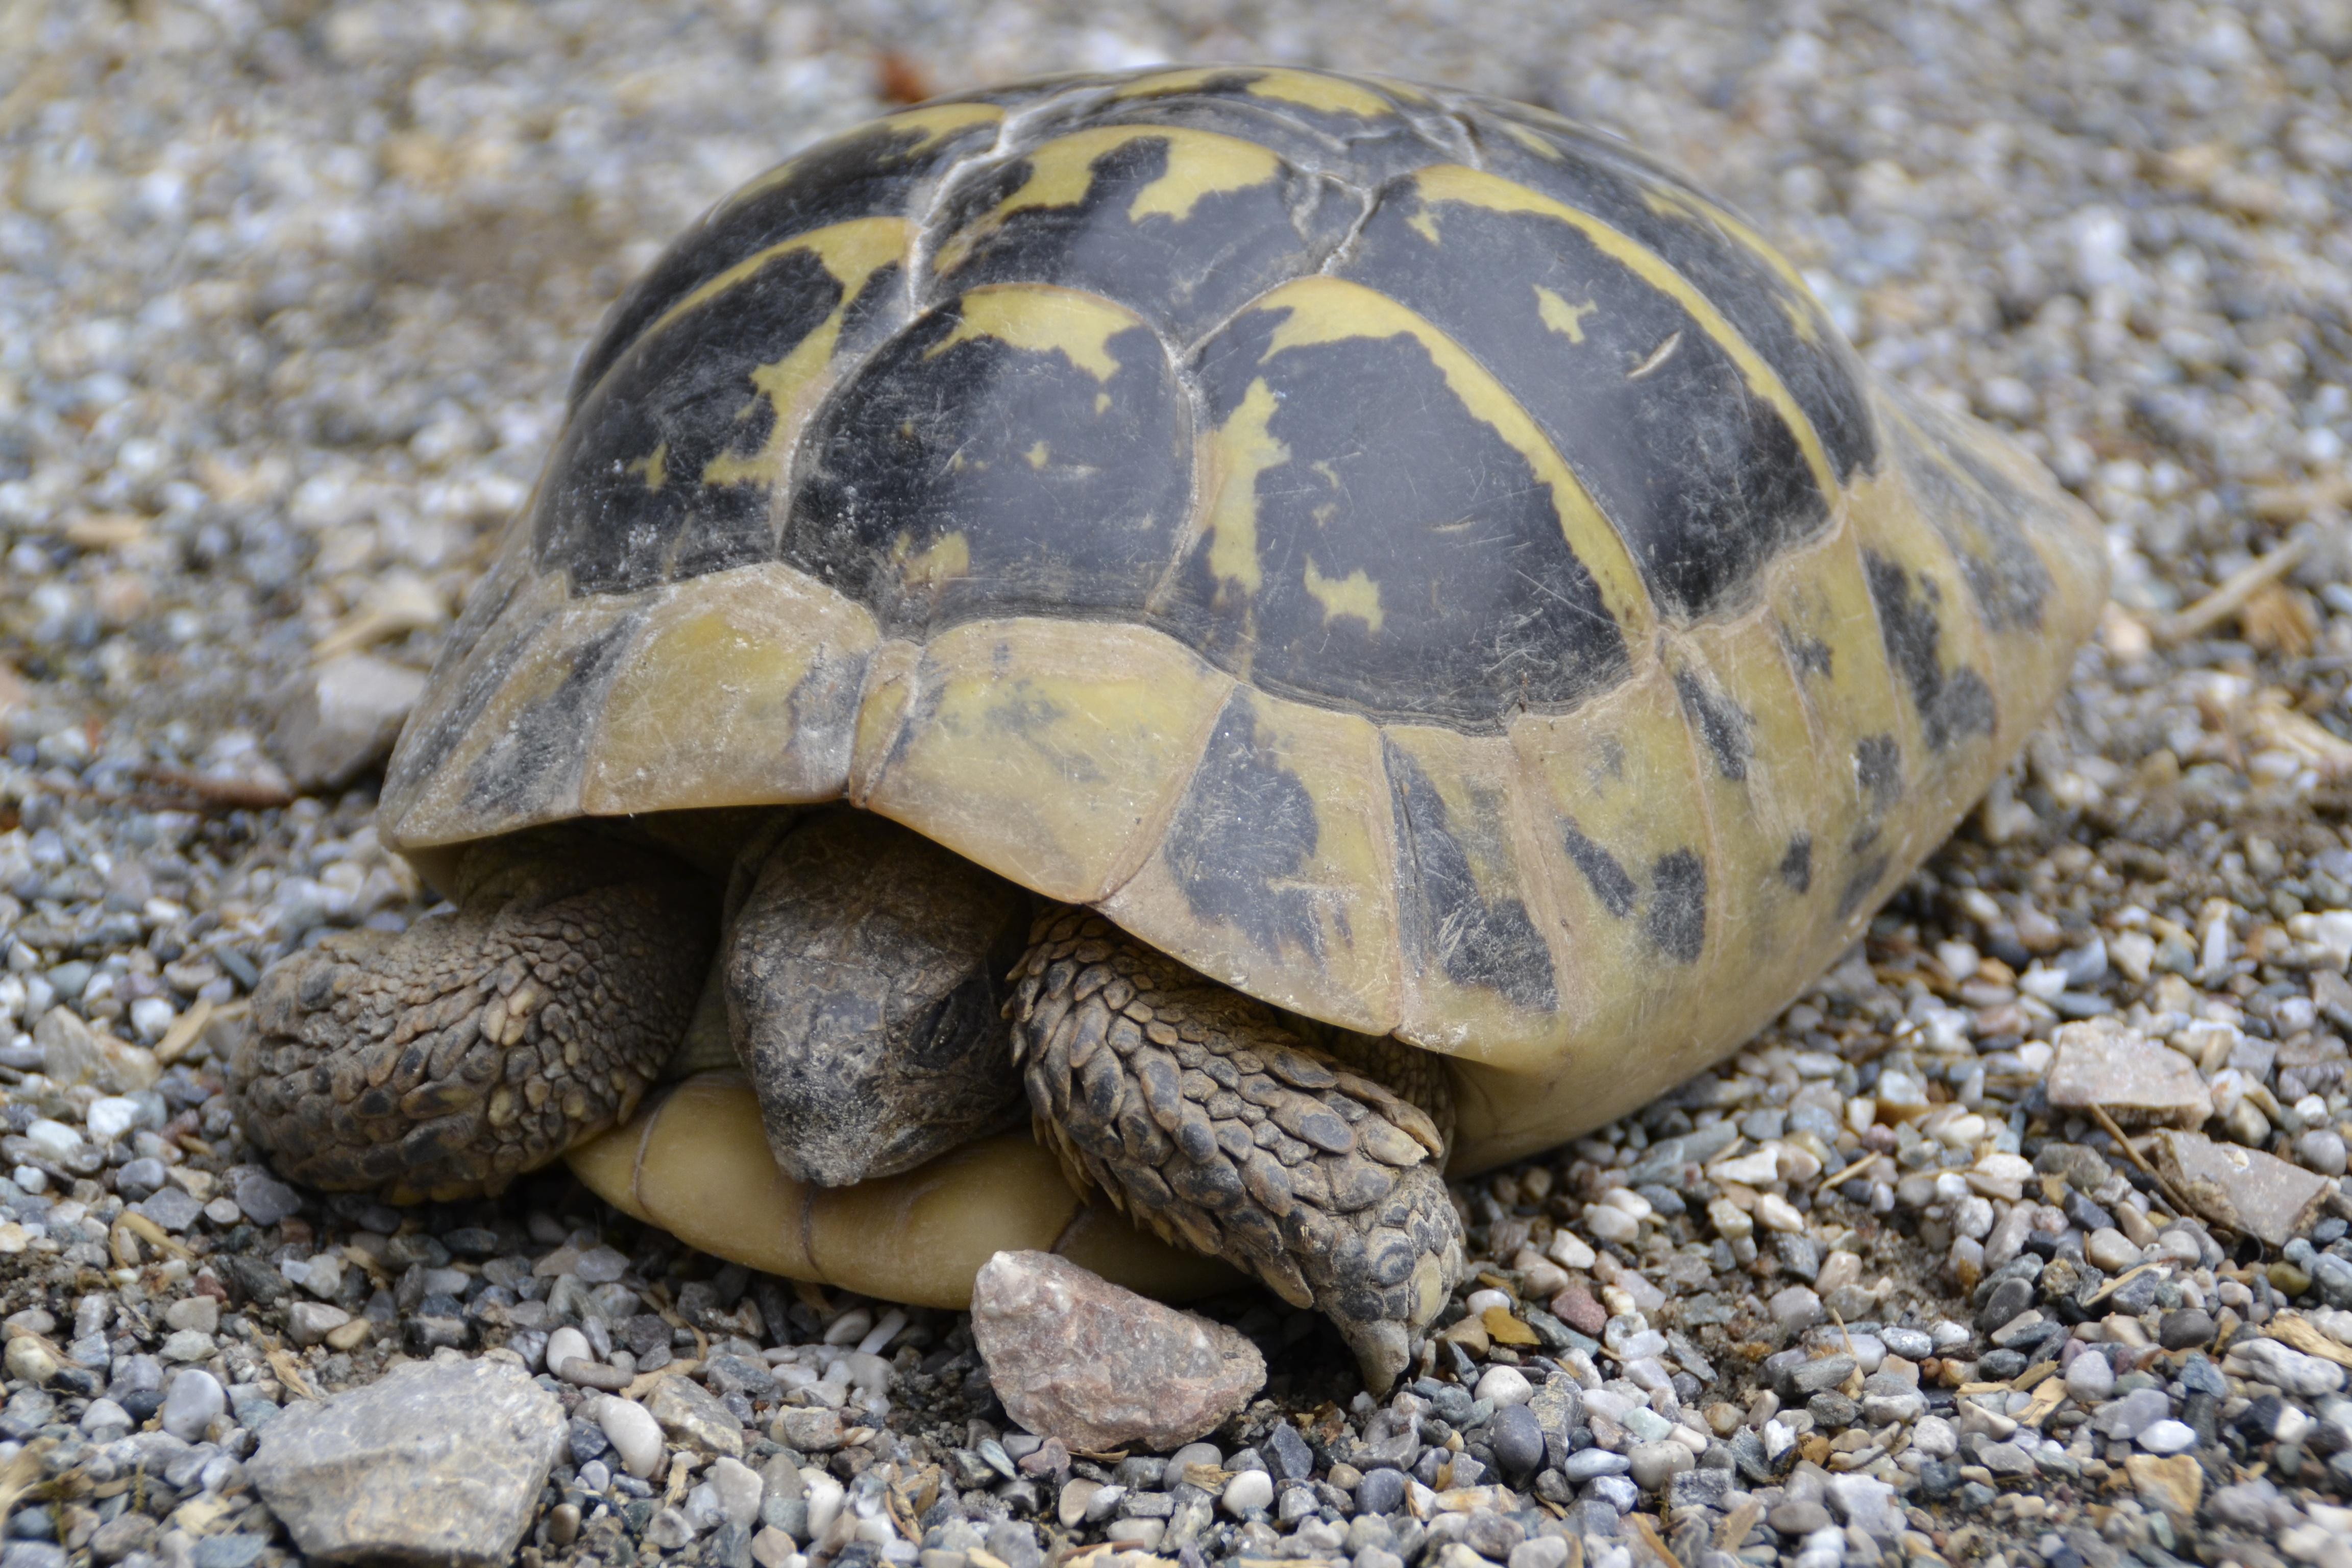 вас спячка черепах в картинках осветили, промелькнул там